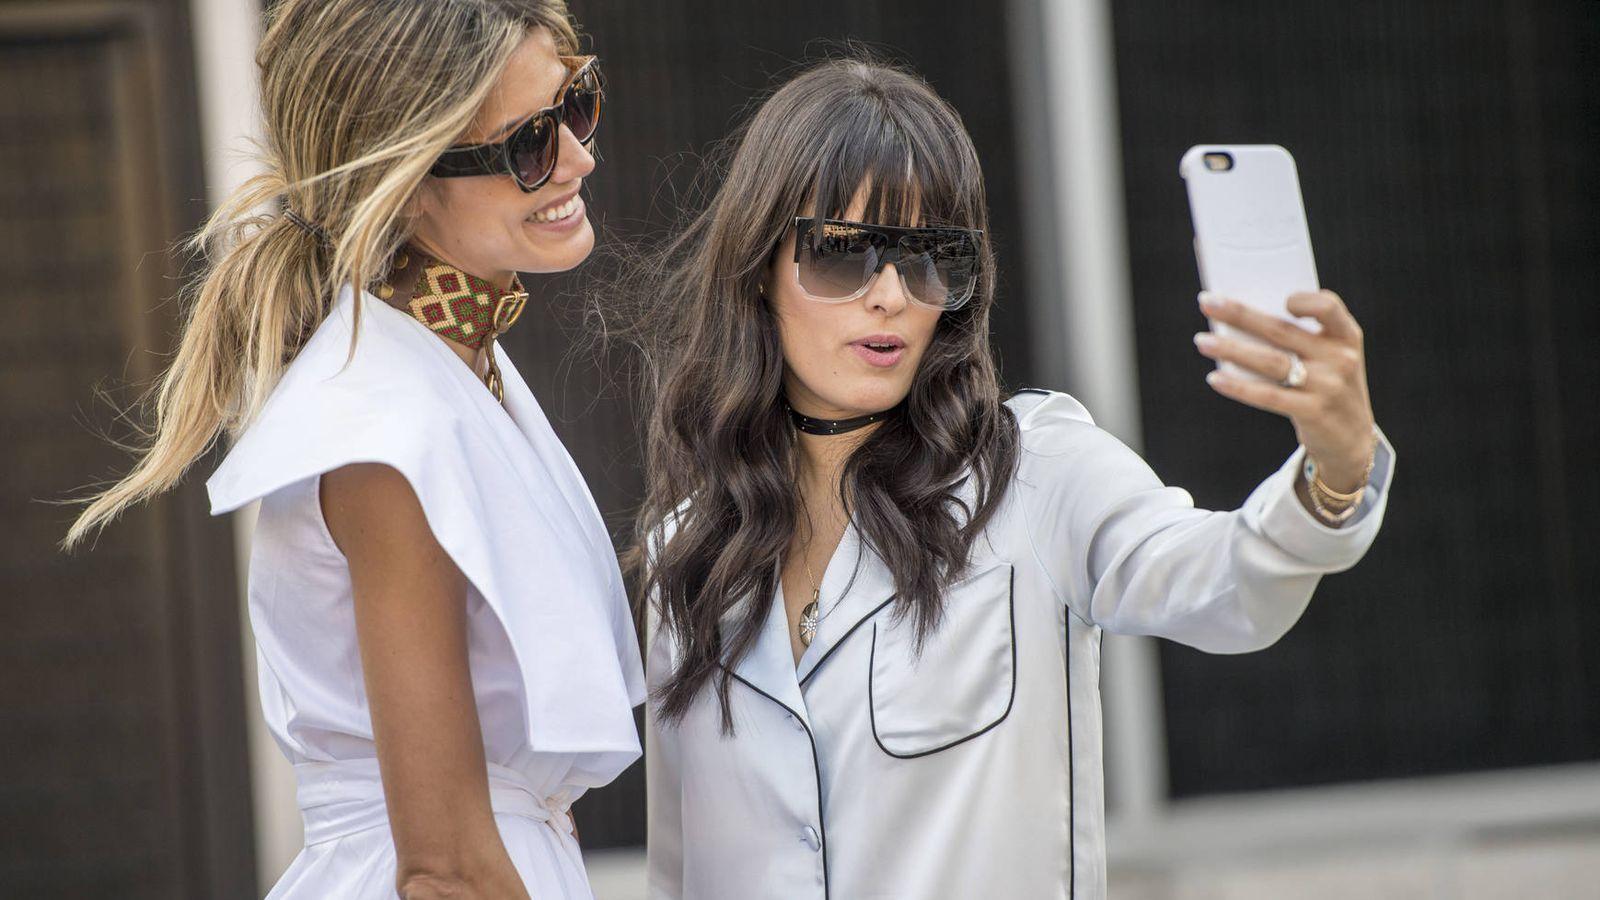 Foto: Selfies, mensajes instantáneos, vídeos o notas de voz. Estos son algunos de los síntomas que demuestran adicción a WhatsApp. (Foto: Imaxtree)